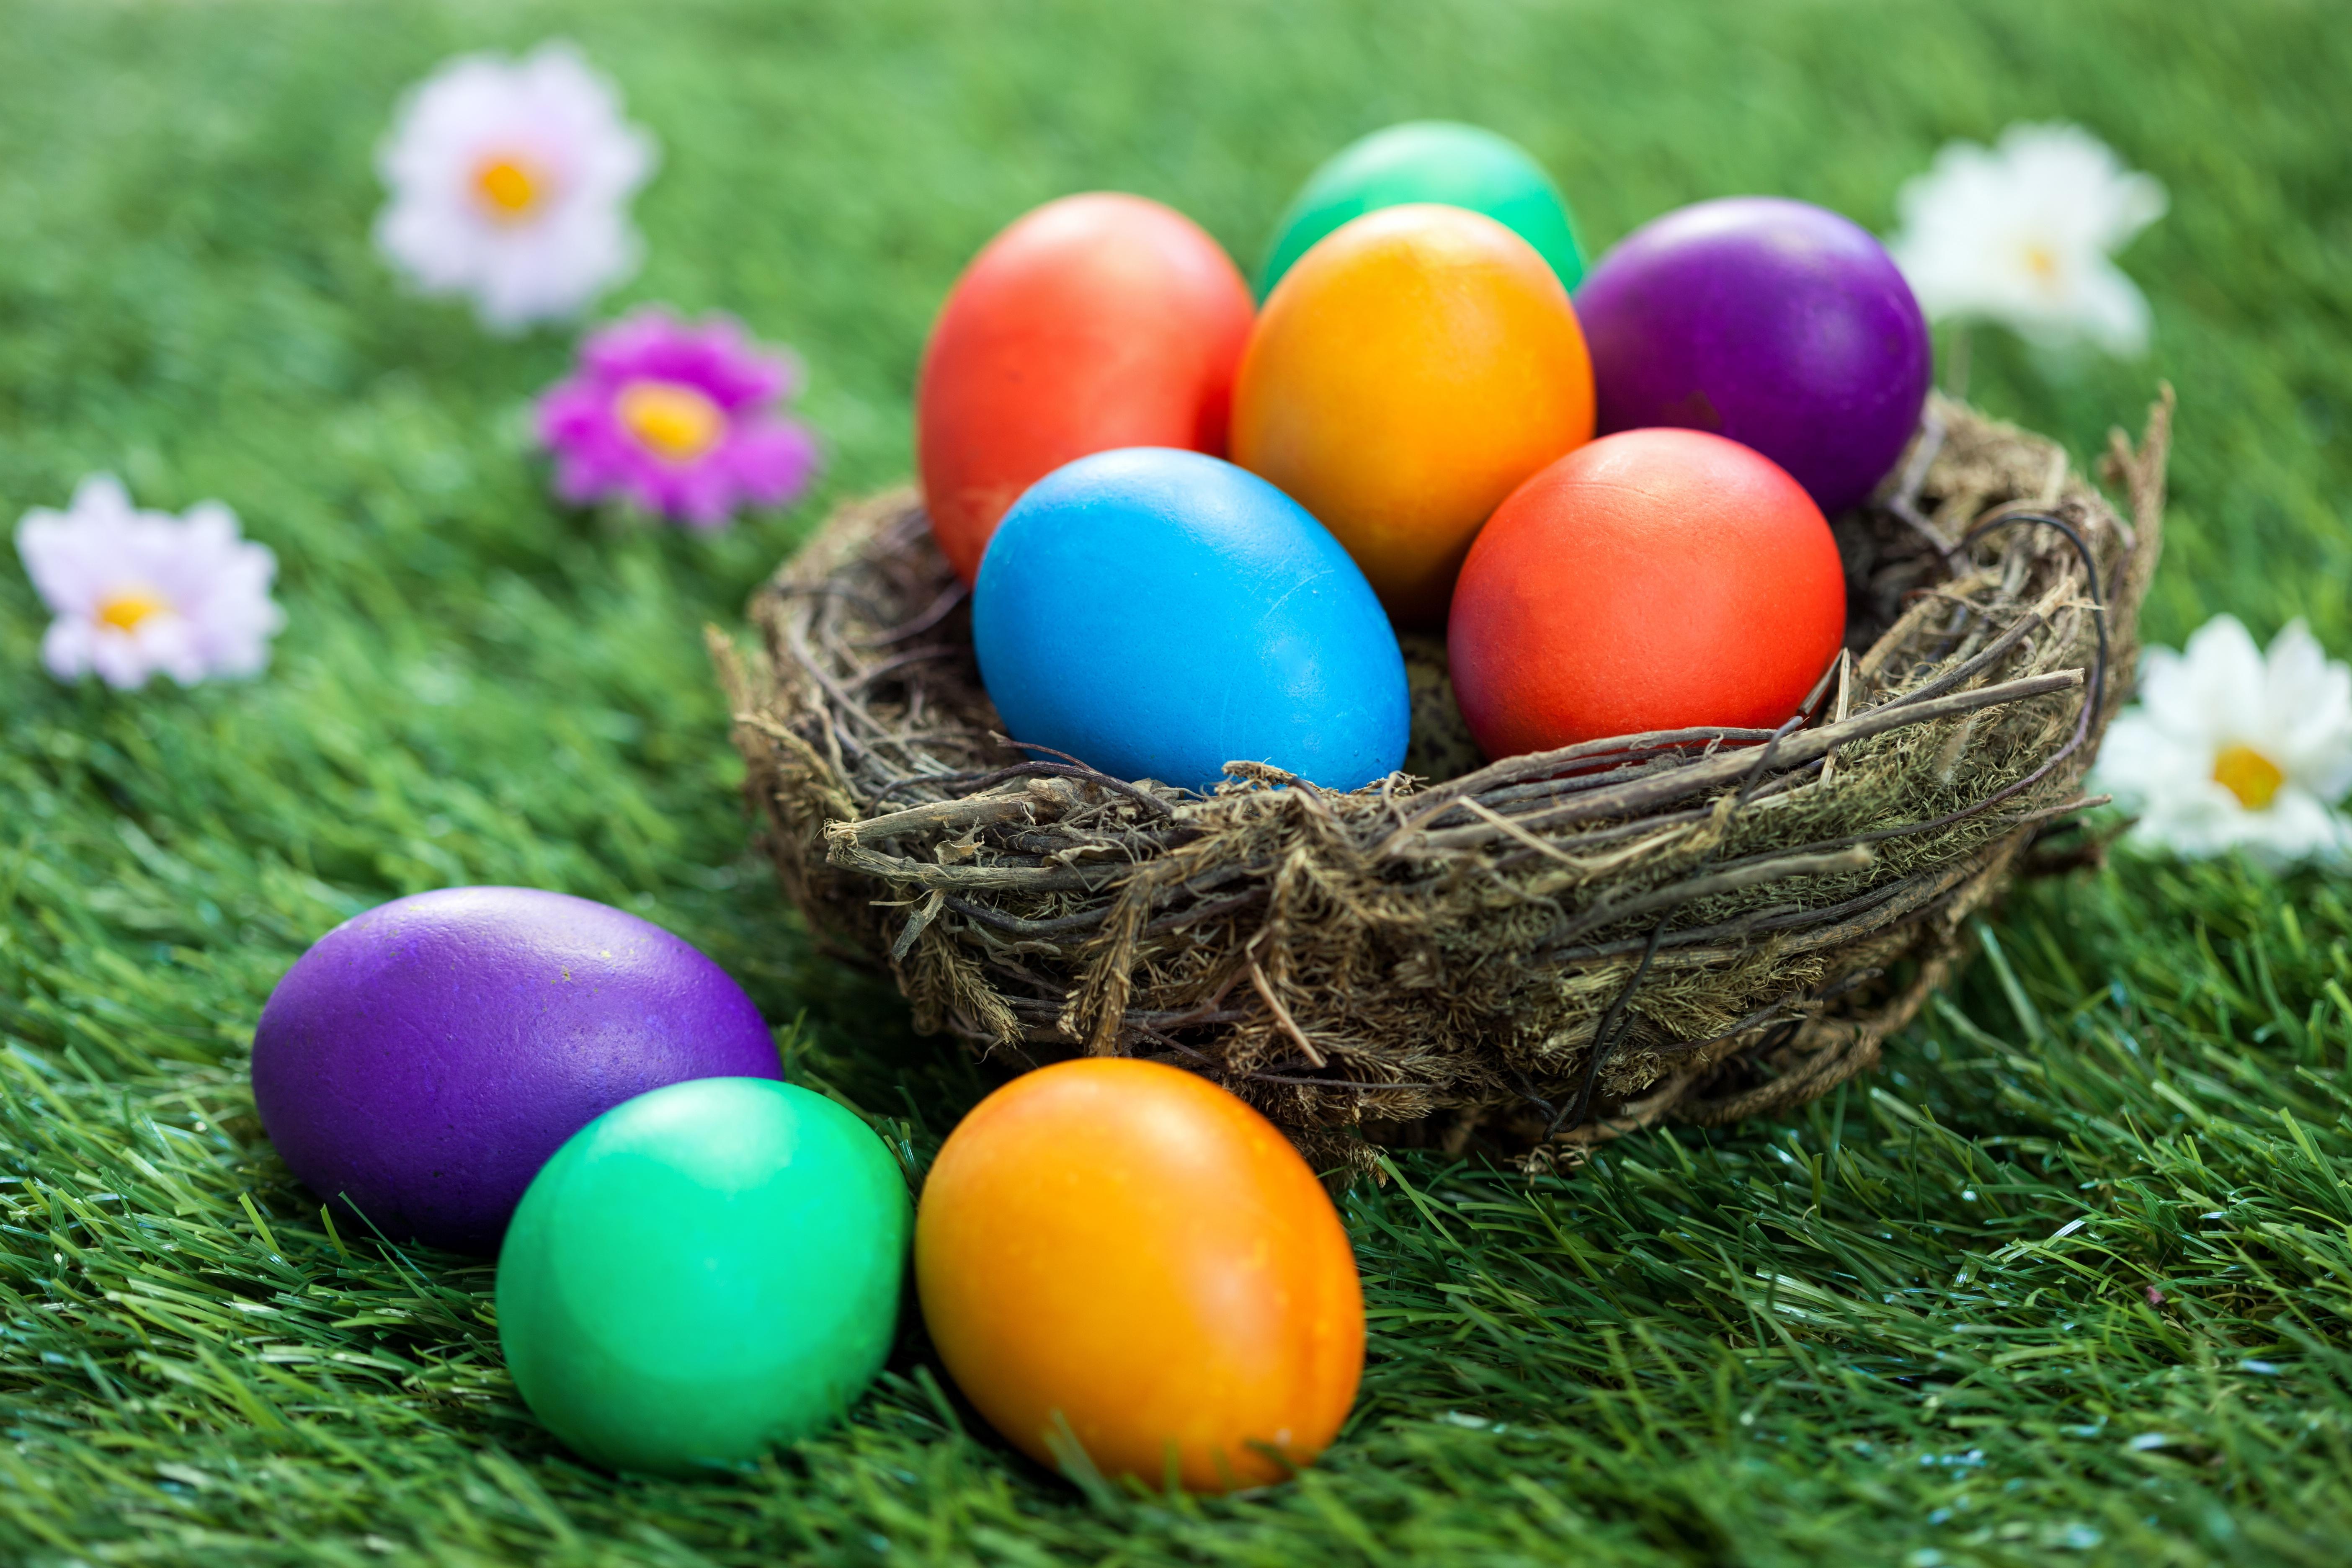 Картинки с яйцами на пасху, картинки анимация